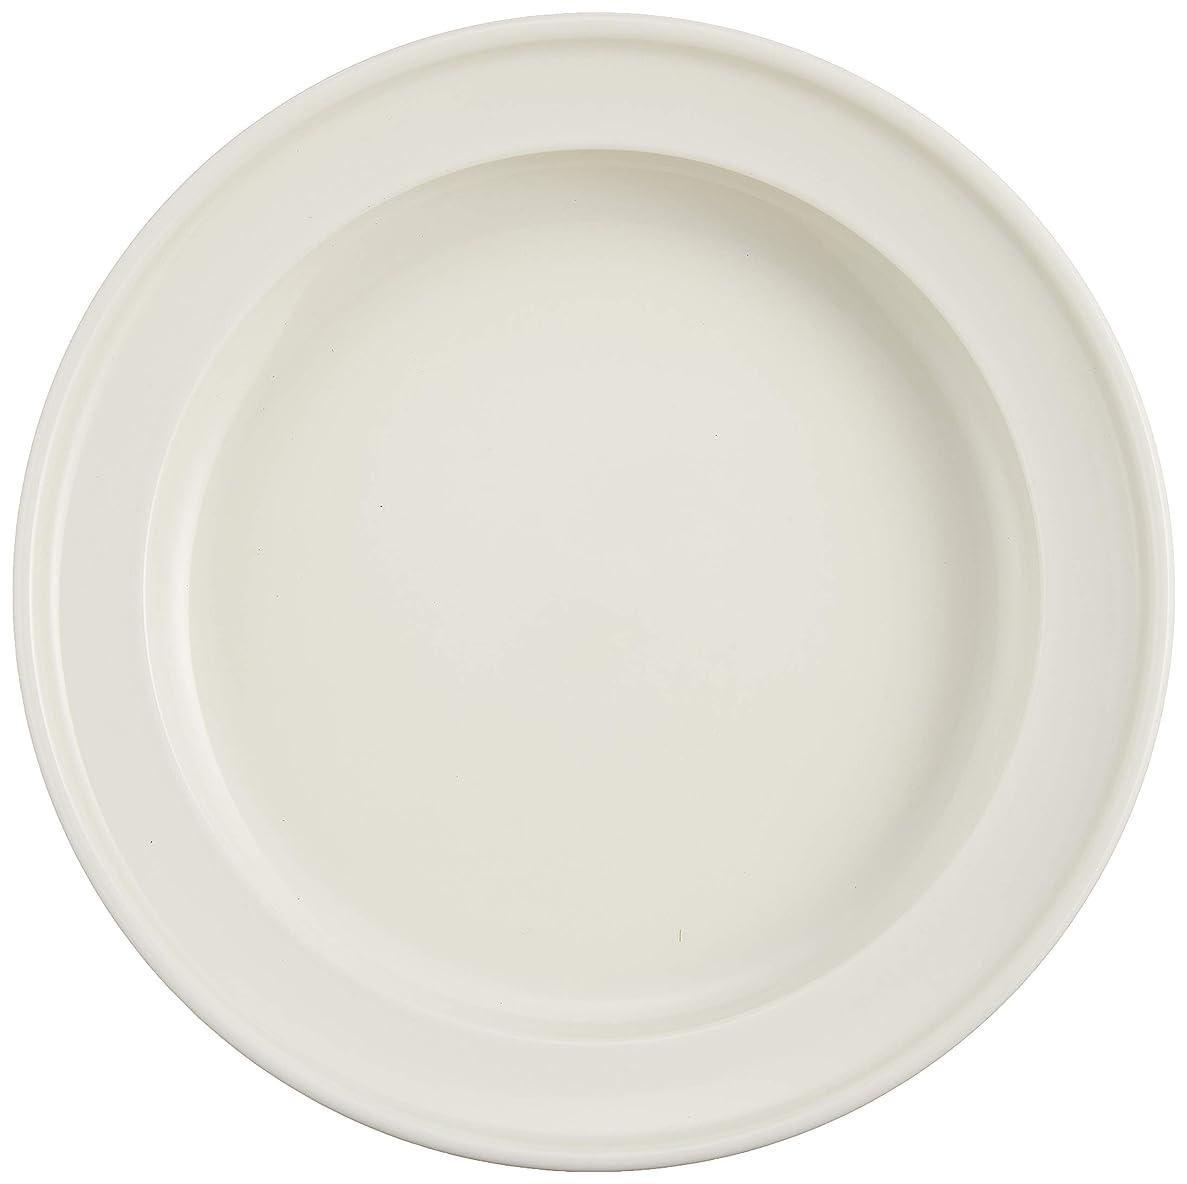 誘うメタンセクションユニバーサル食器 森正洋デザイン ディープ プレート 16.5cm ホワイト NB10-322